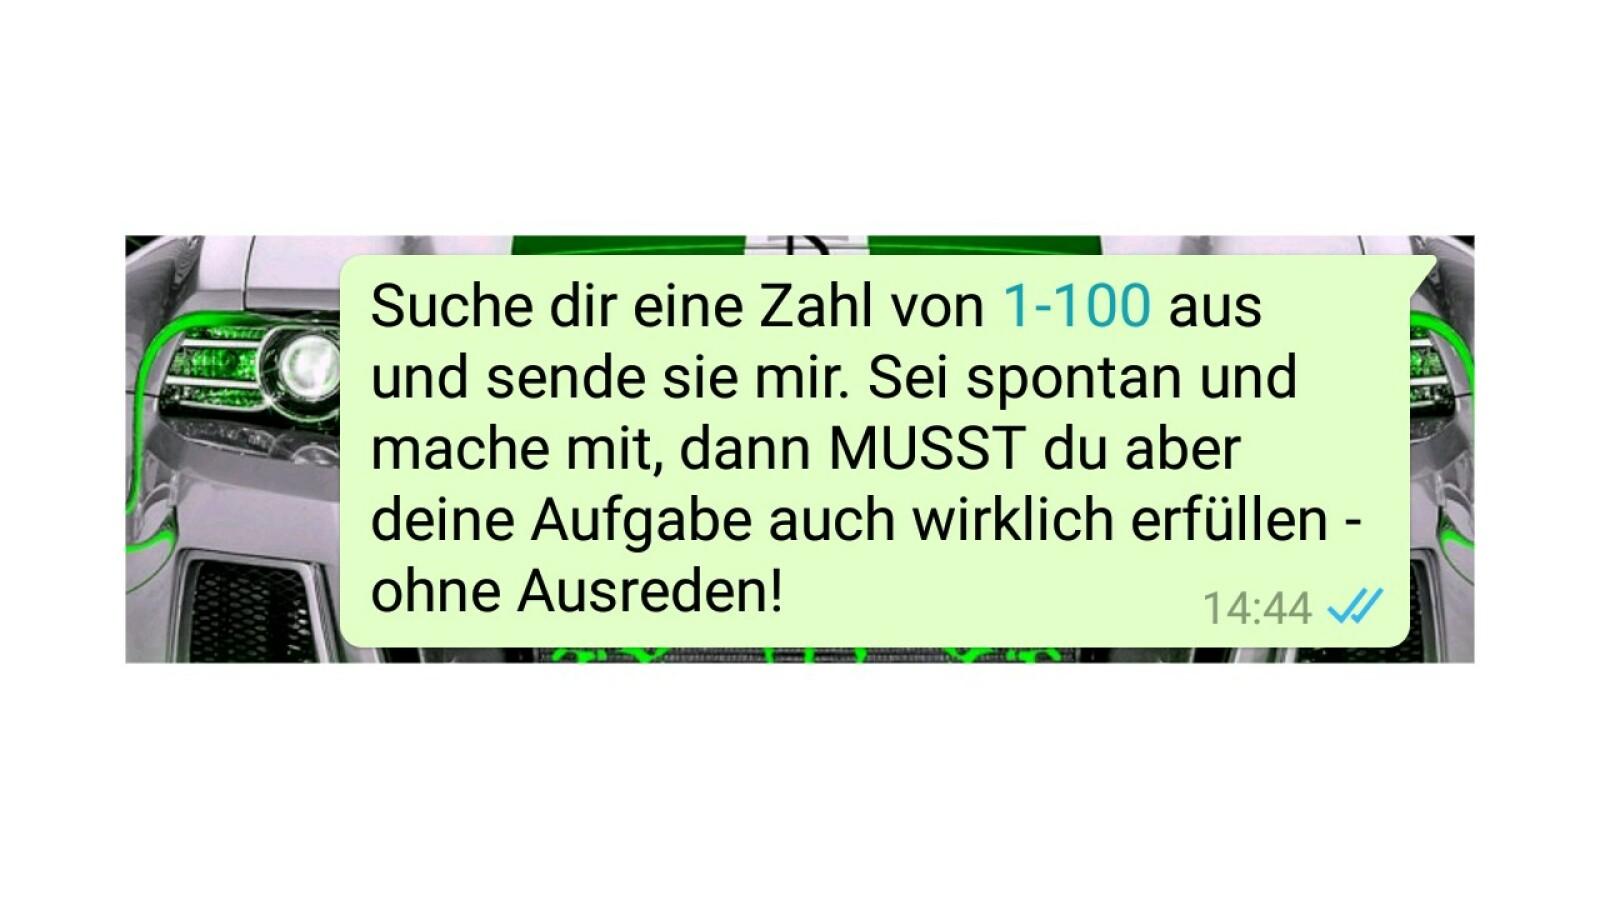 Suche freund 14 whatsapp 2018